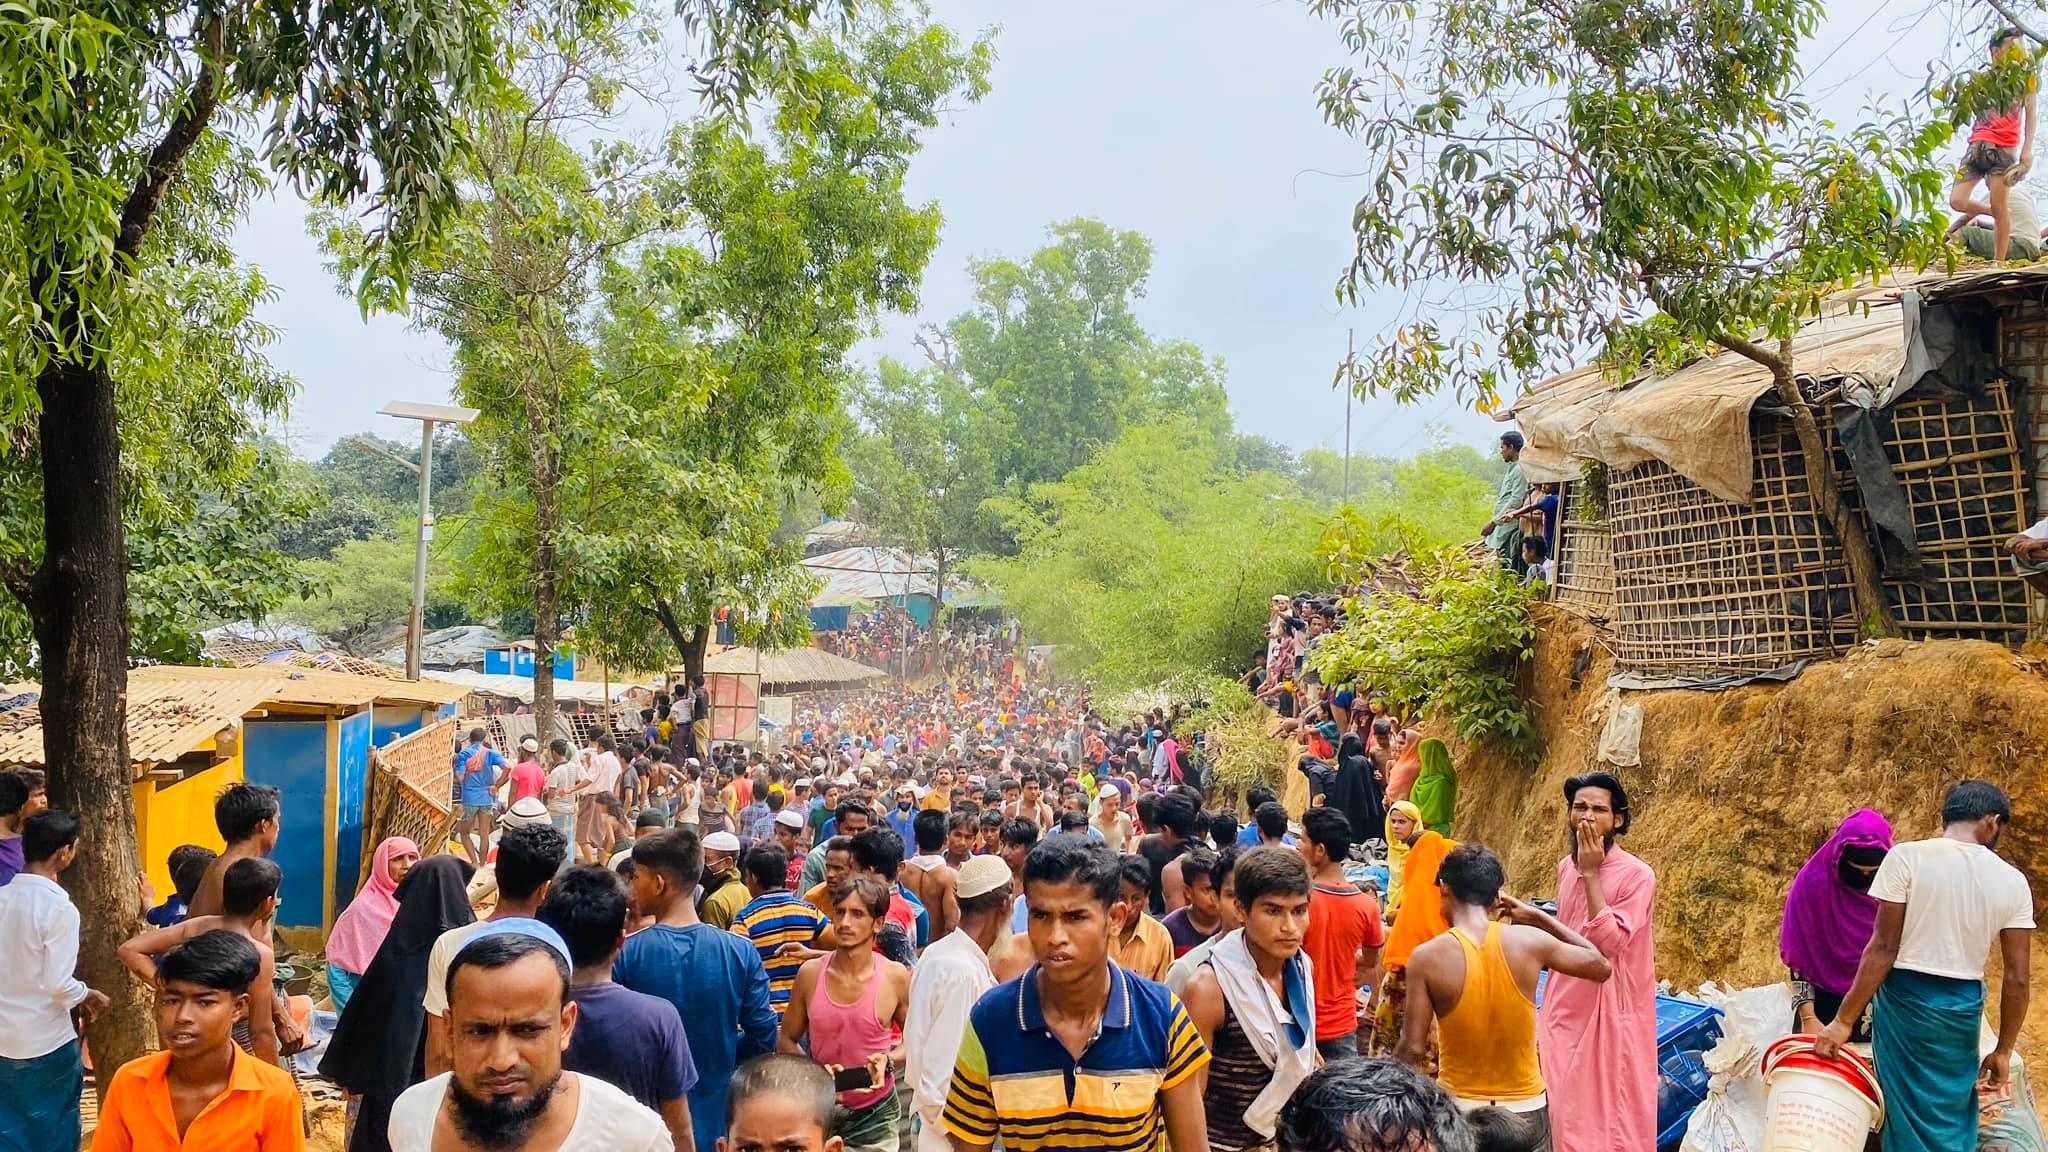 কক্সবাজারের কুতুপালং ক্যাম্পের নিরাপত্তা নিয়ে উৎকণ্ঠা : ভাসানচরে যেতে চান সাধারণ রোহিঙ্গারা